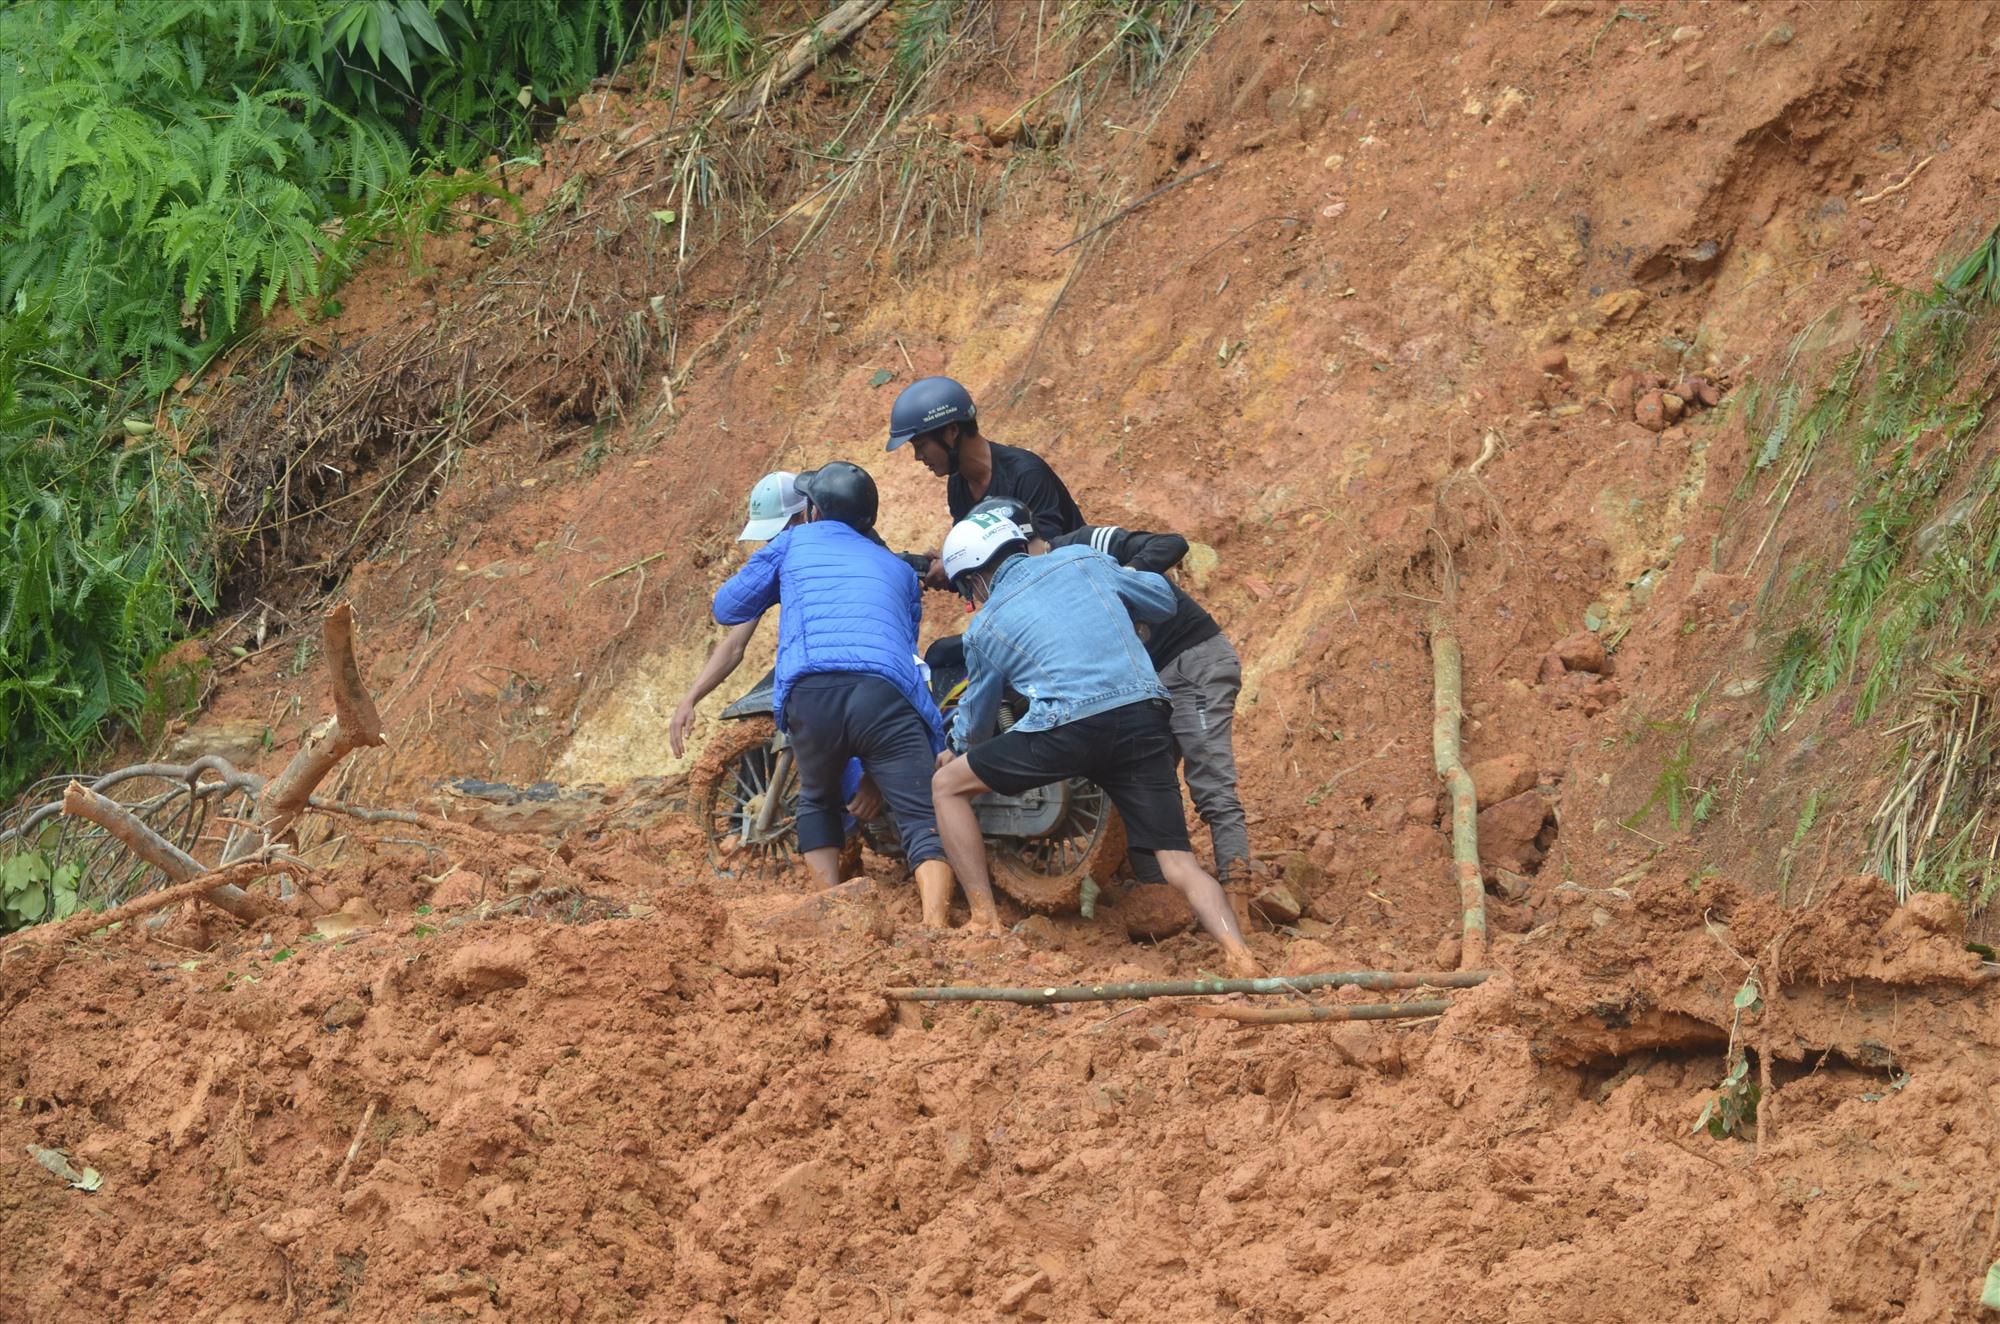 Sơ tán dân ra khỏi vùng nguy hiểm trước 17 giờ chiếu 11.9 và đề phòng sạt lở đất ở miền núi. Ảnh: H.P